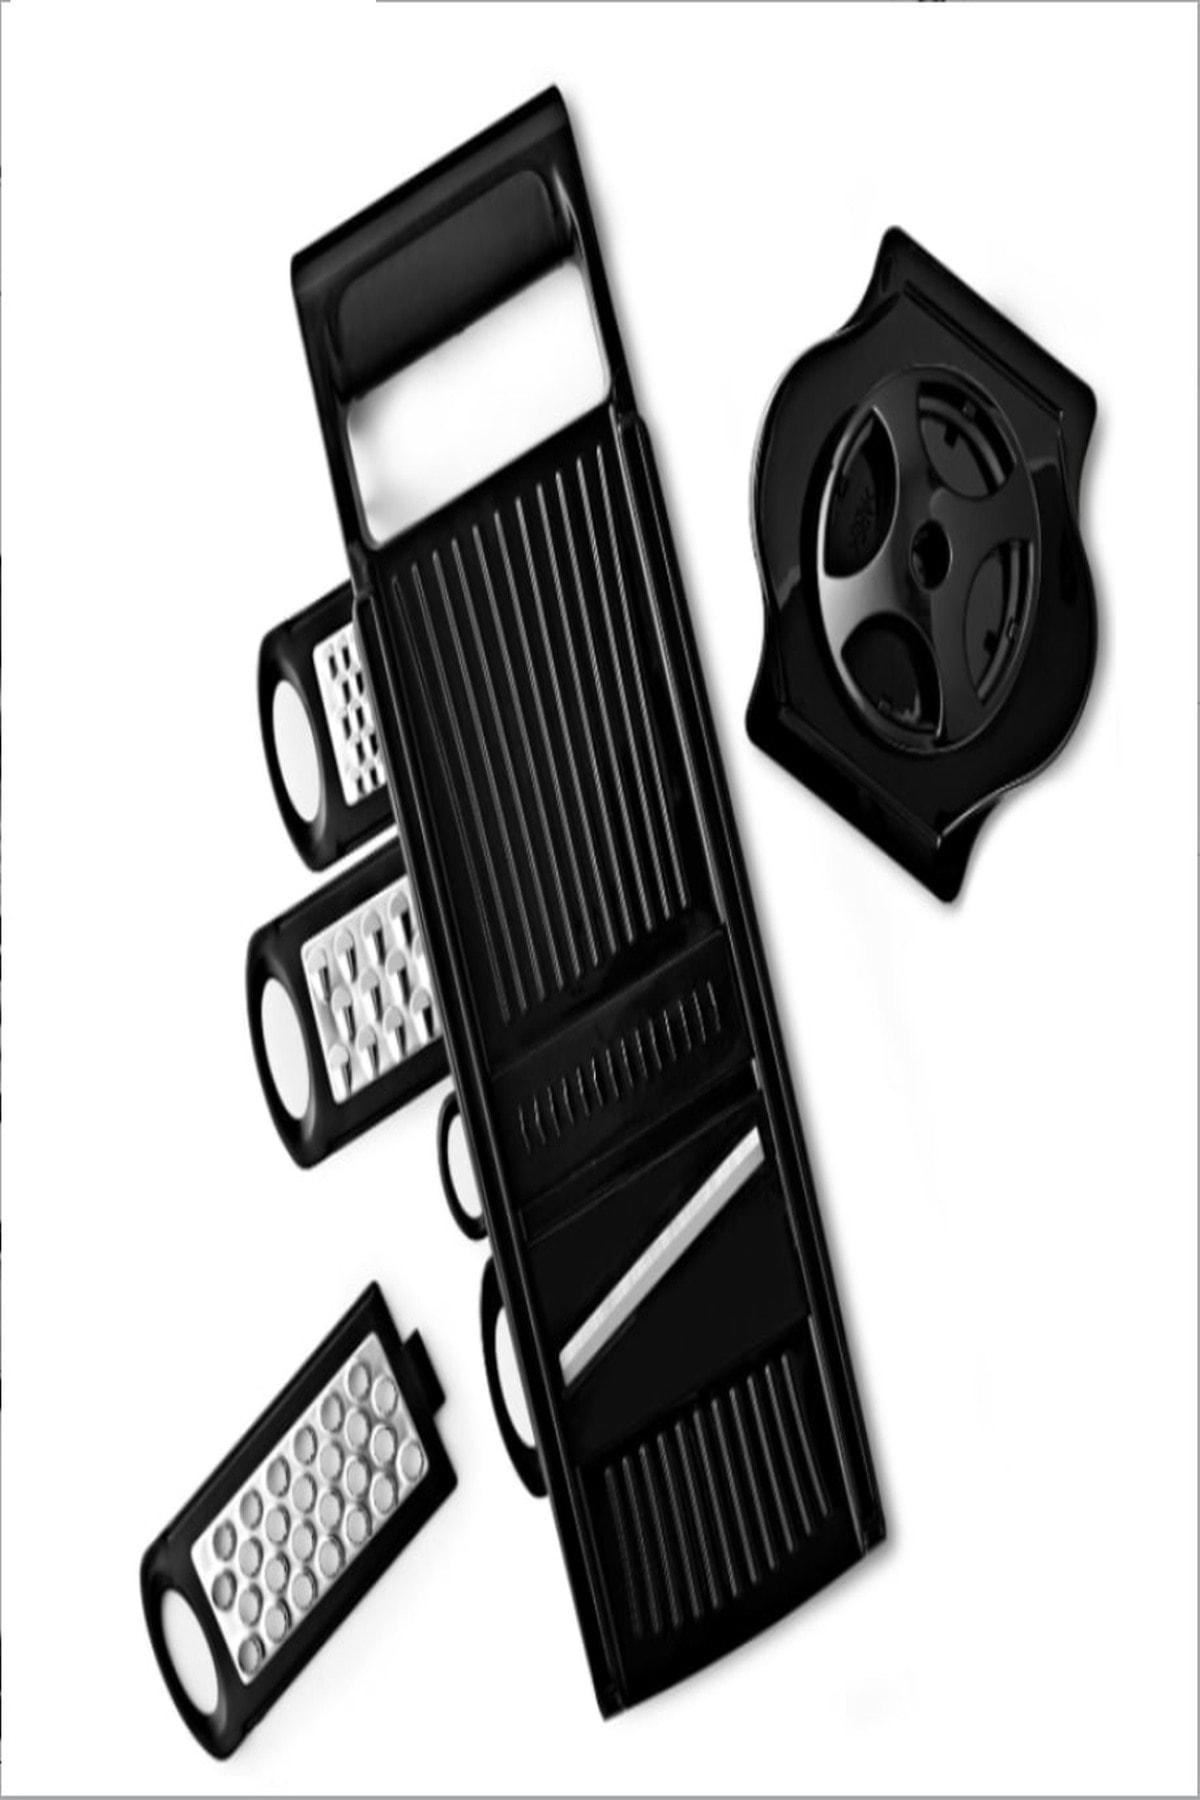 Yenimiyeni Çok Fonksiyonlu Dilimleyici Rende Çelik Malzemeli 2